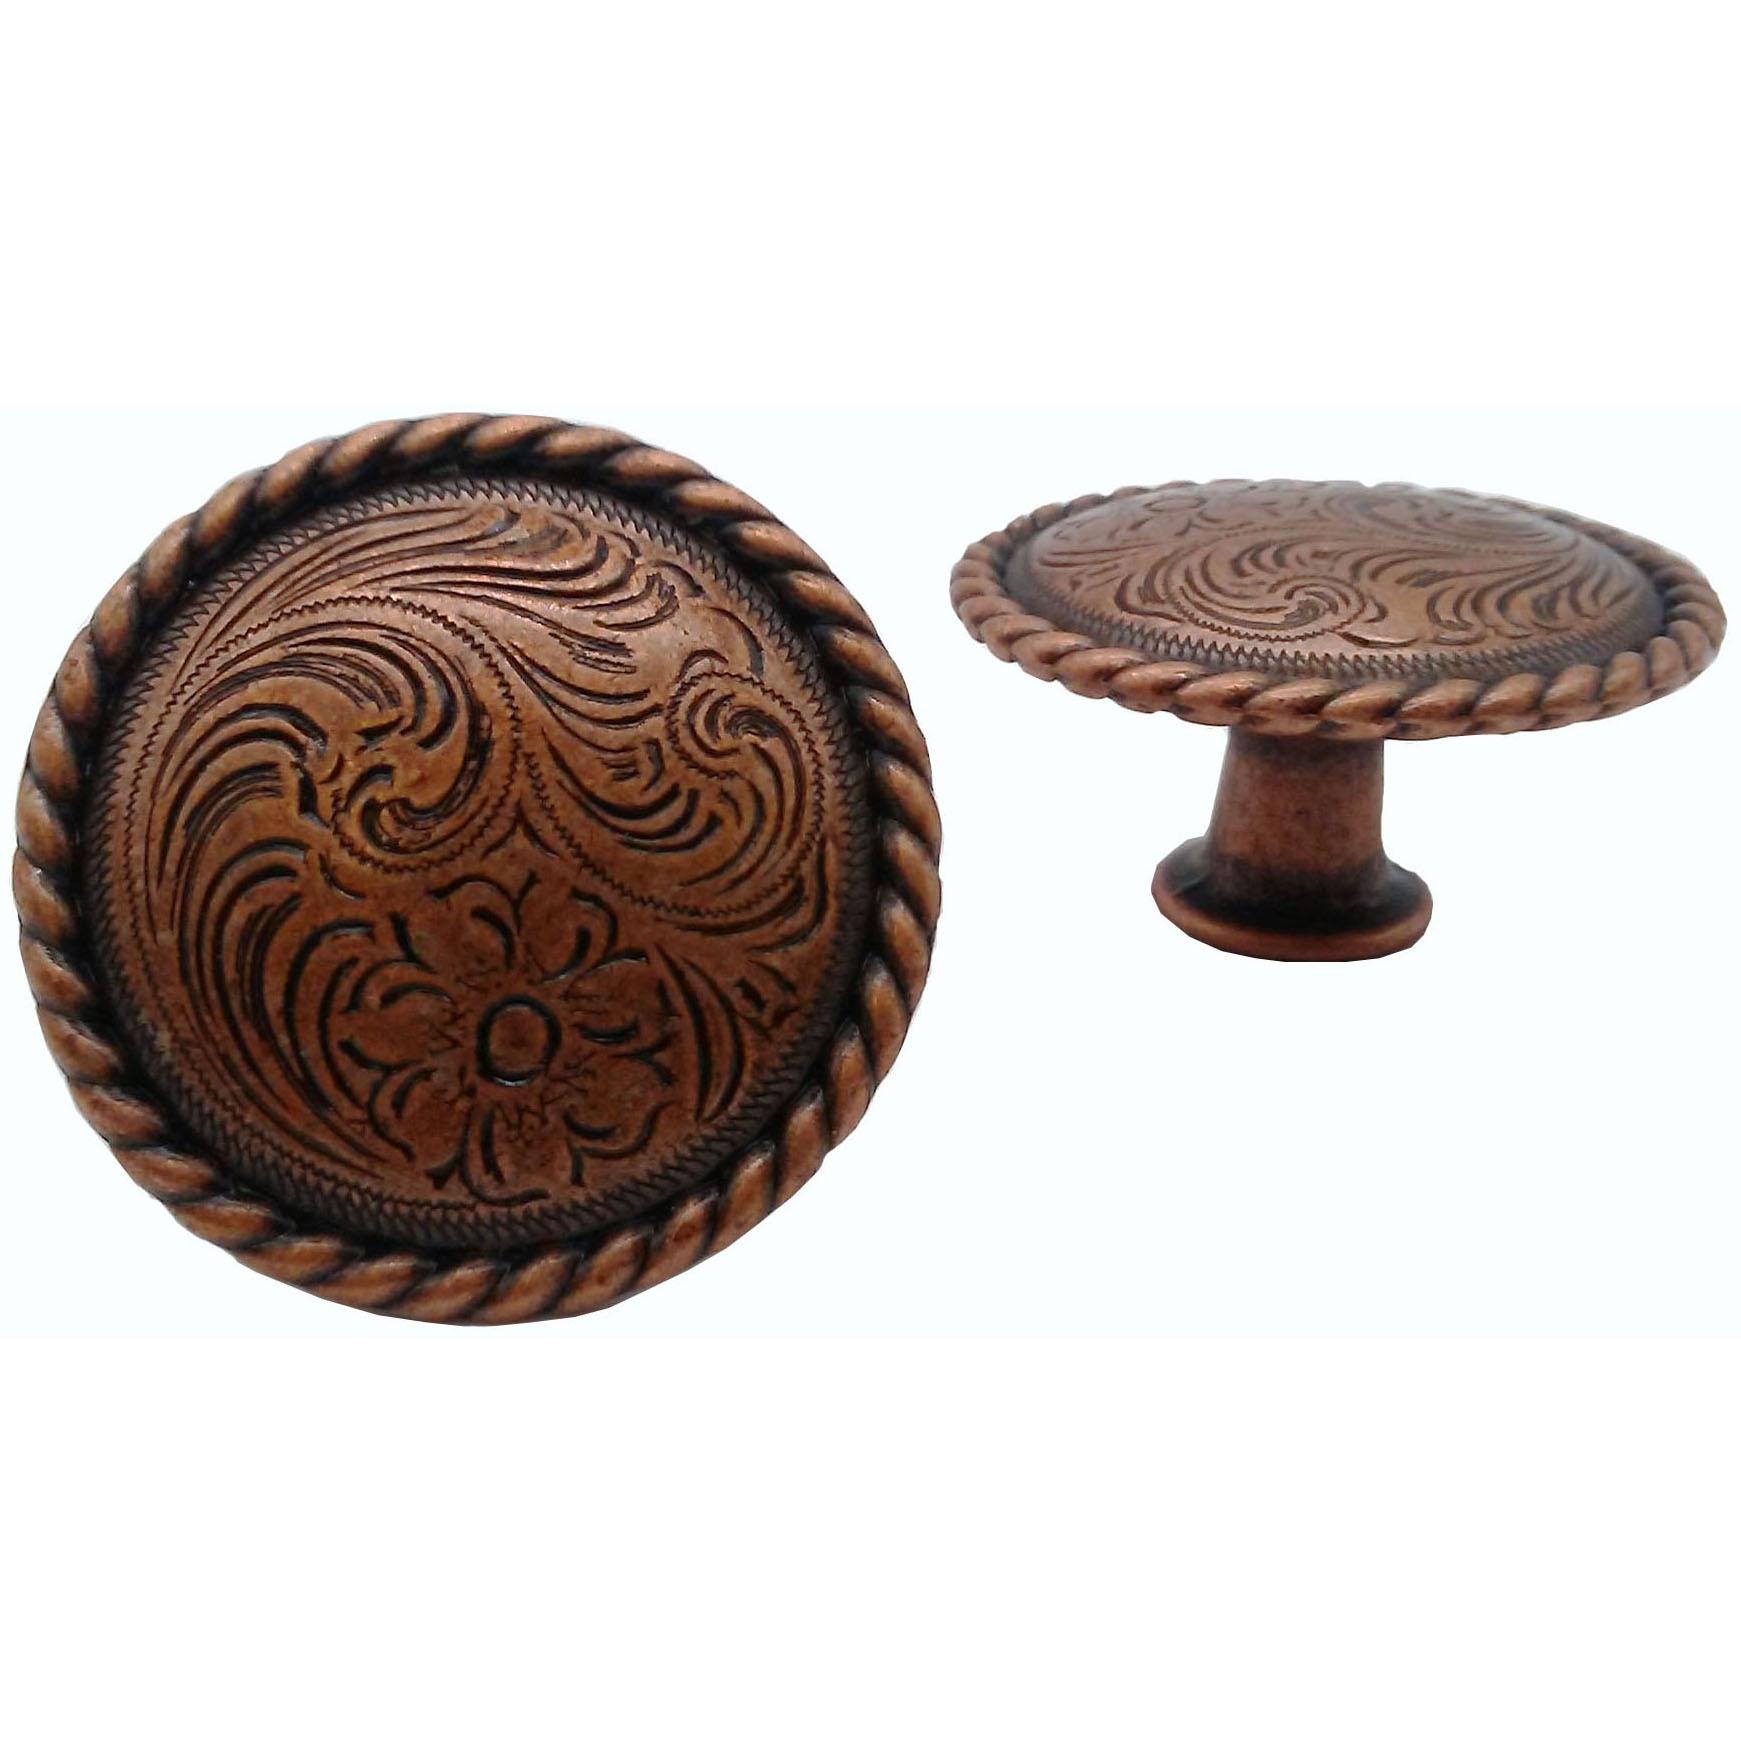 Engraved Flower Knob, Copper Oxide